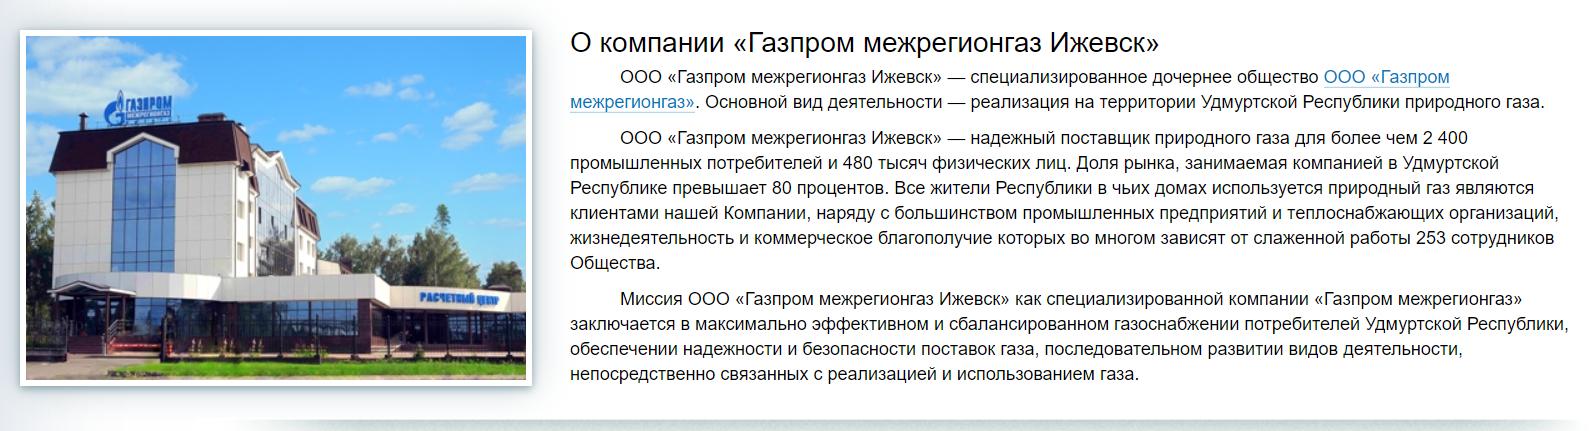 Личный кабинет Межрегионгаз Ижевск